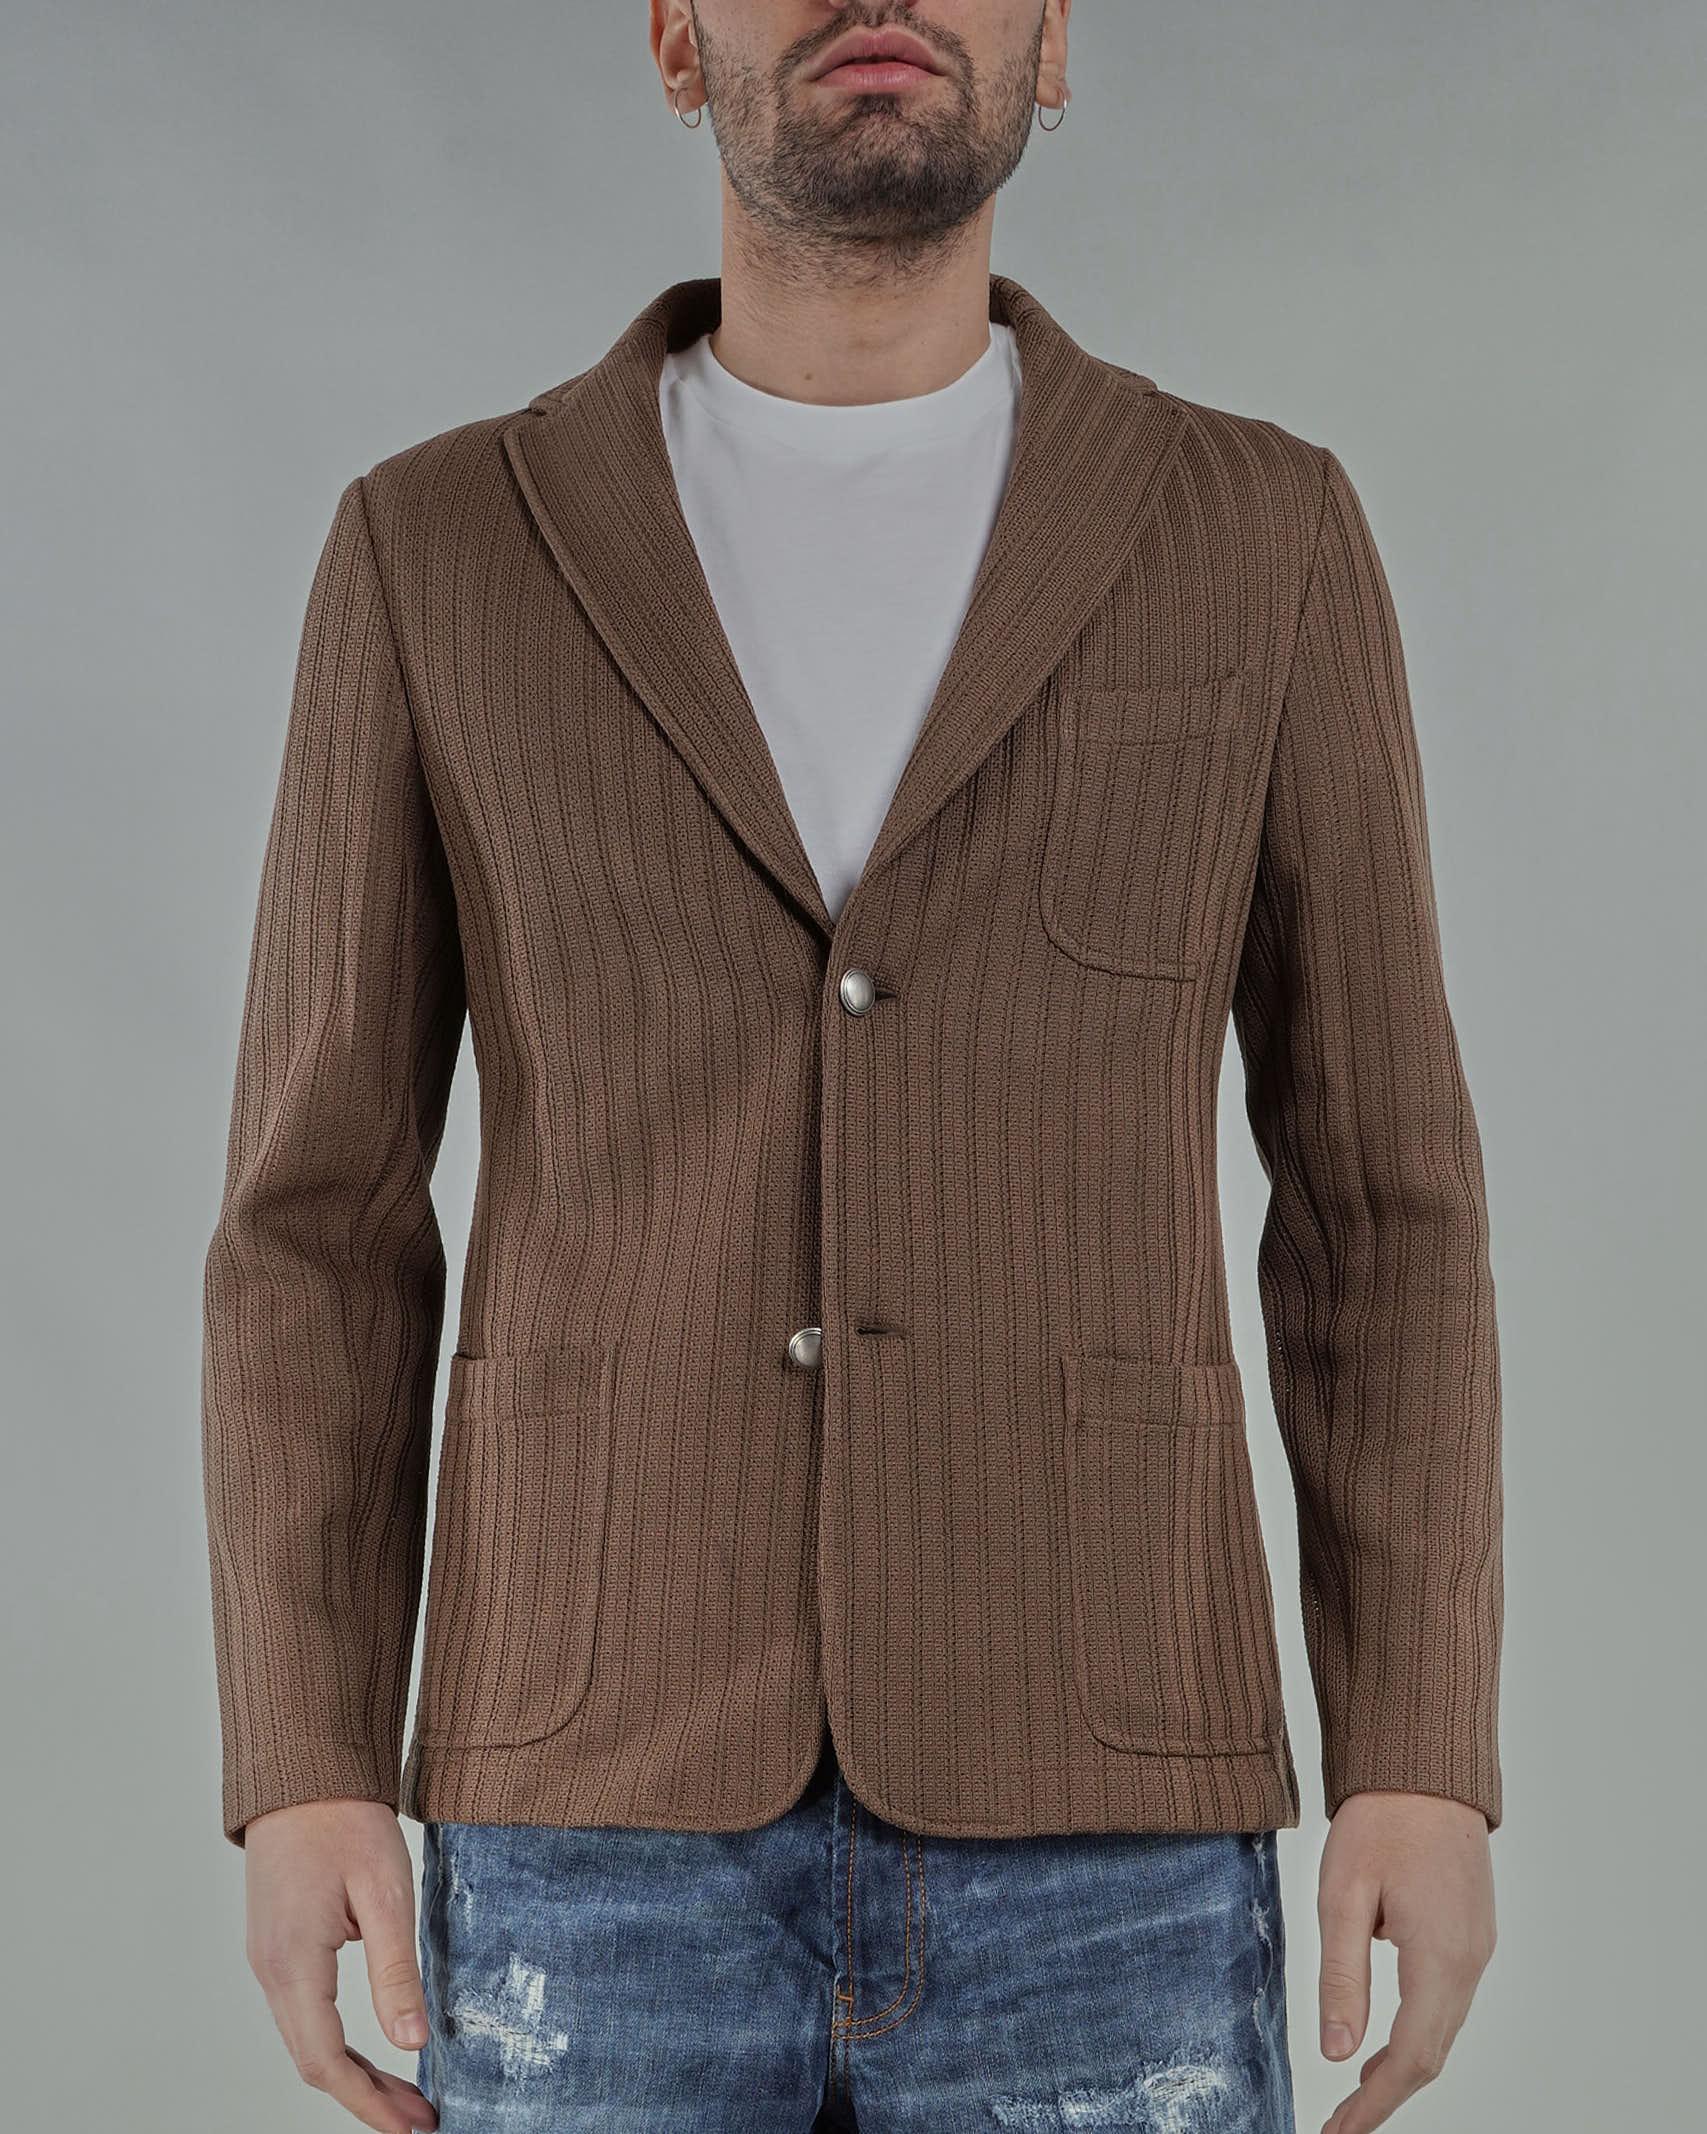 Giacca in maglia motivo righe microforata Jeordie's JEORDIE'S | Giacca | 77130318